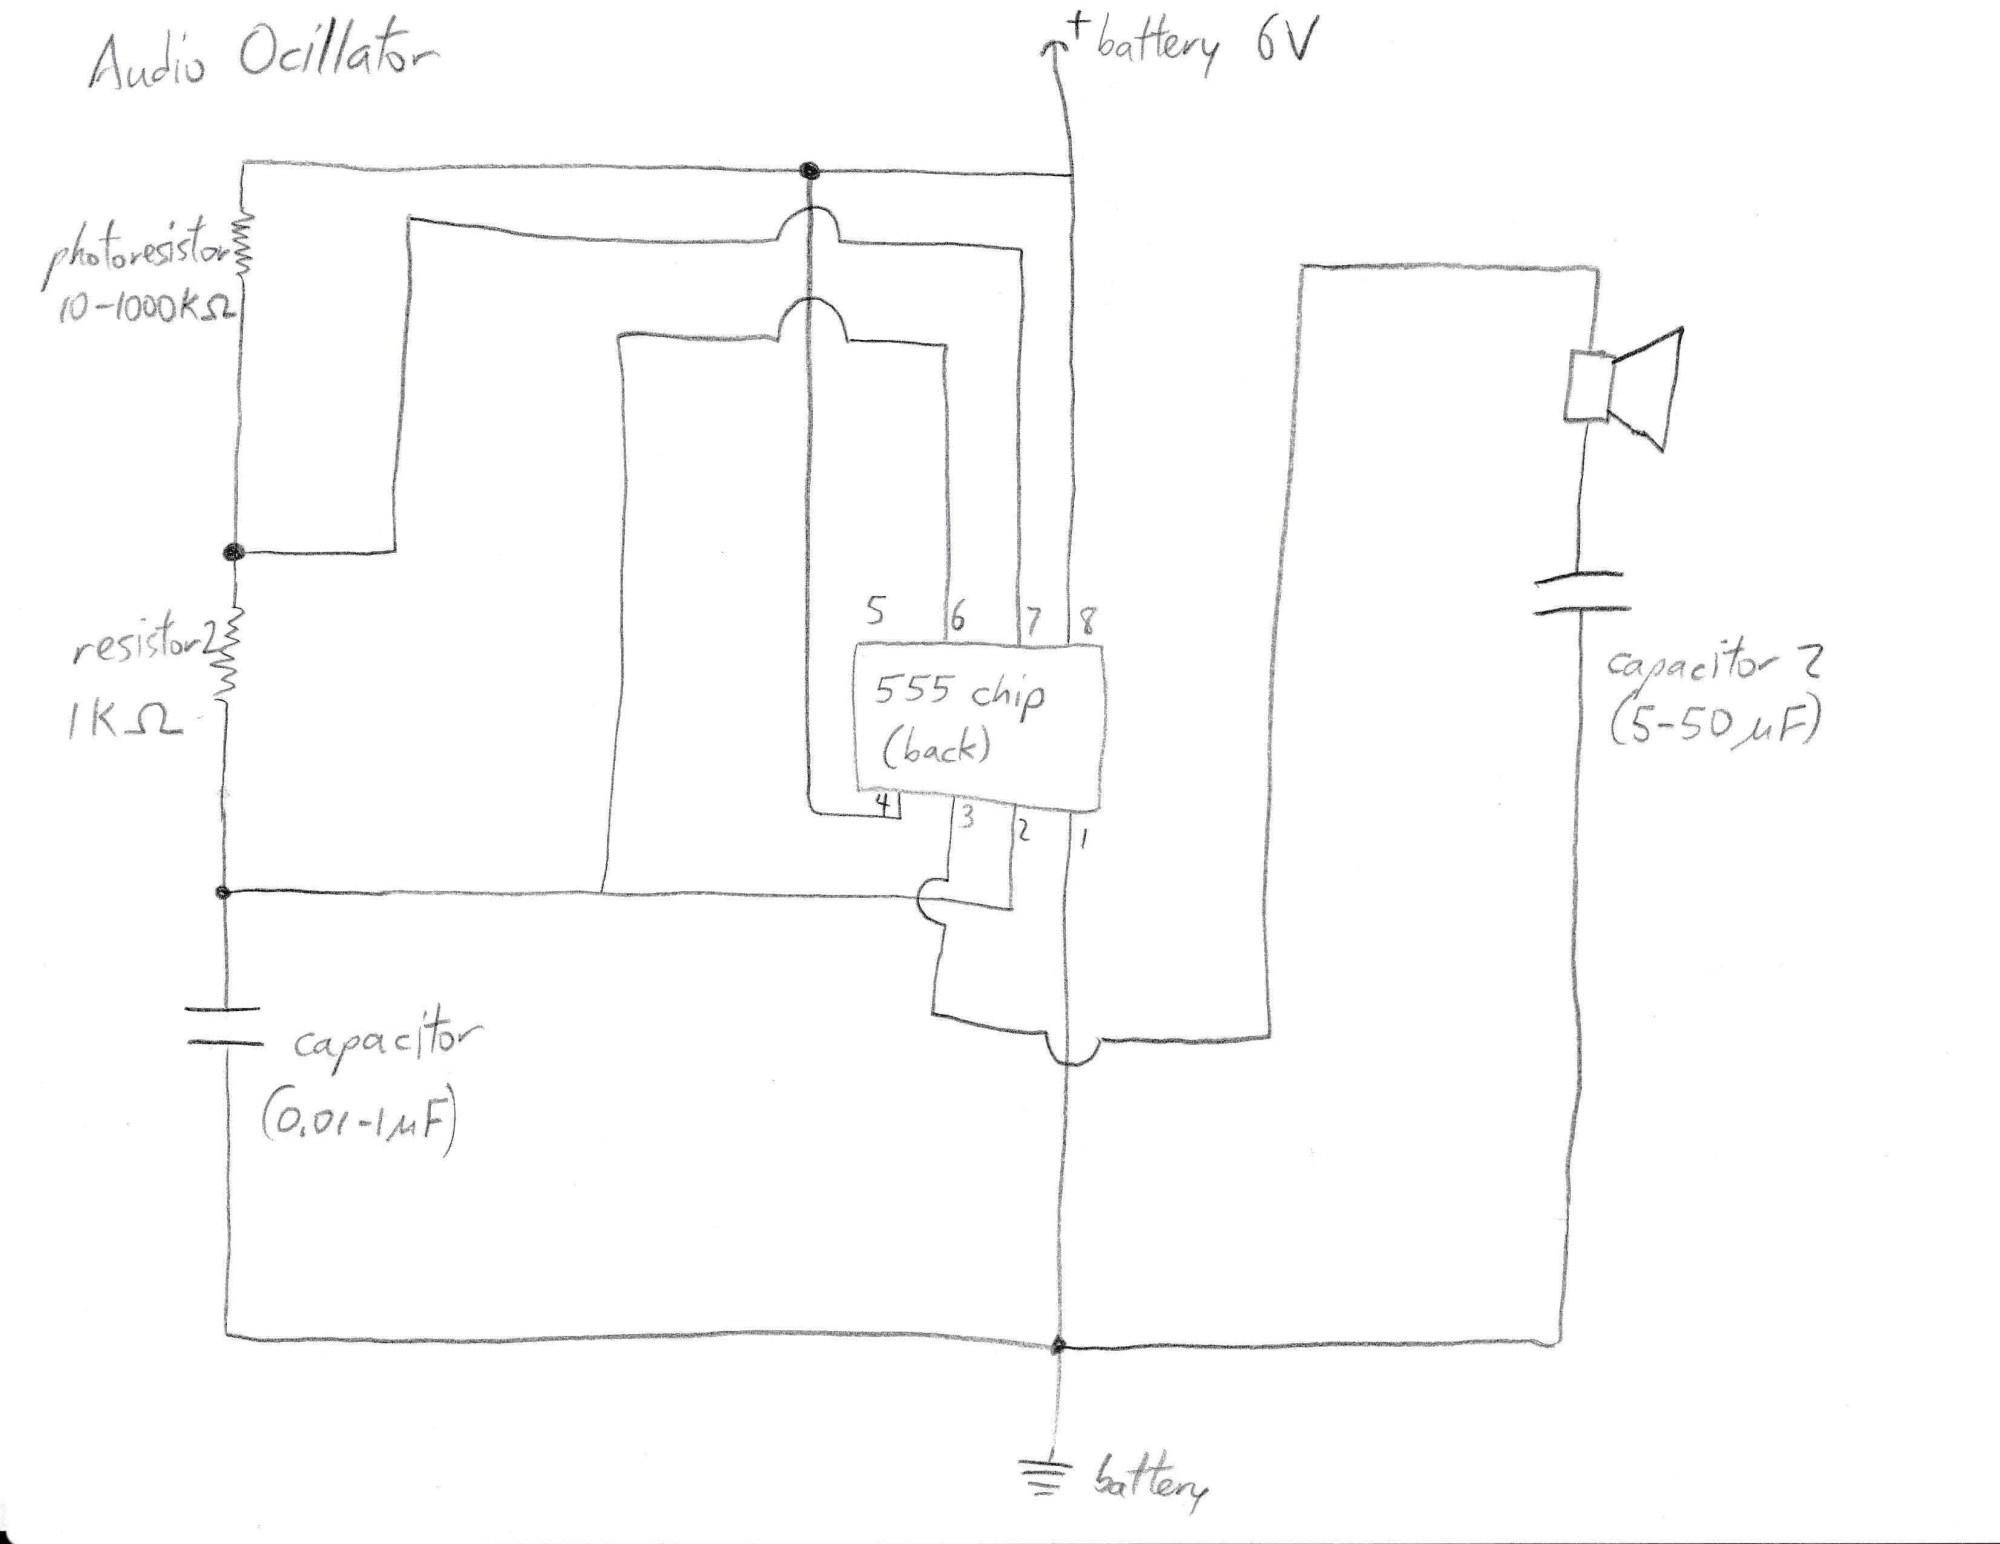 hight resolution of audio oscillator